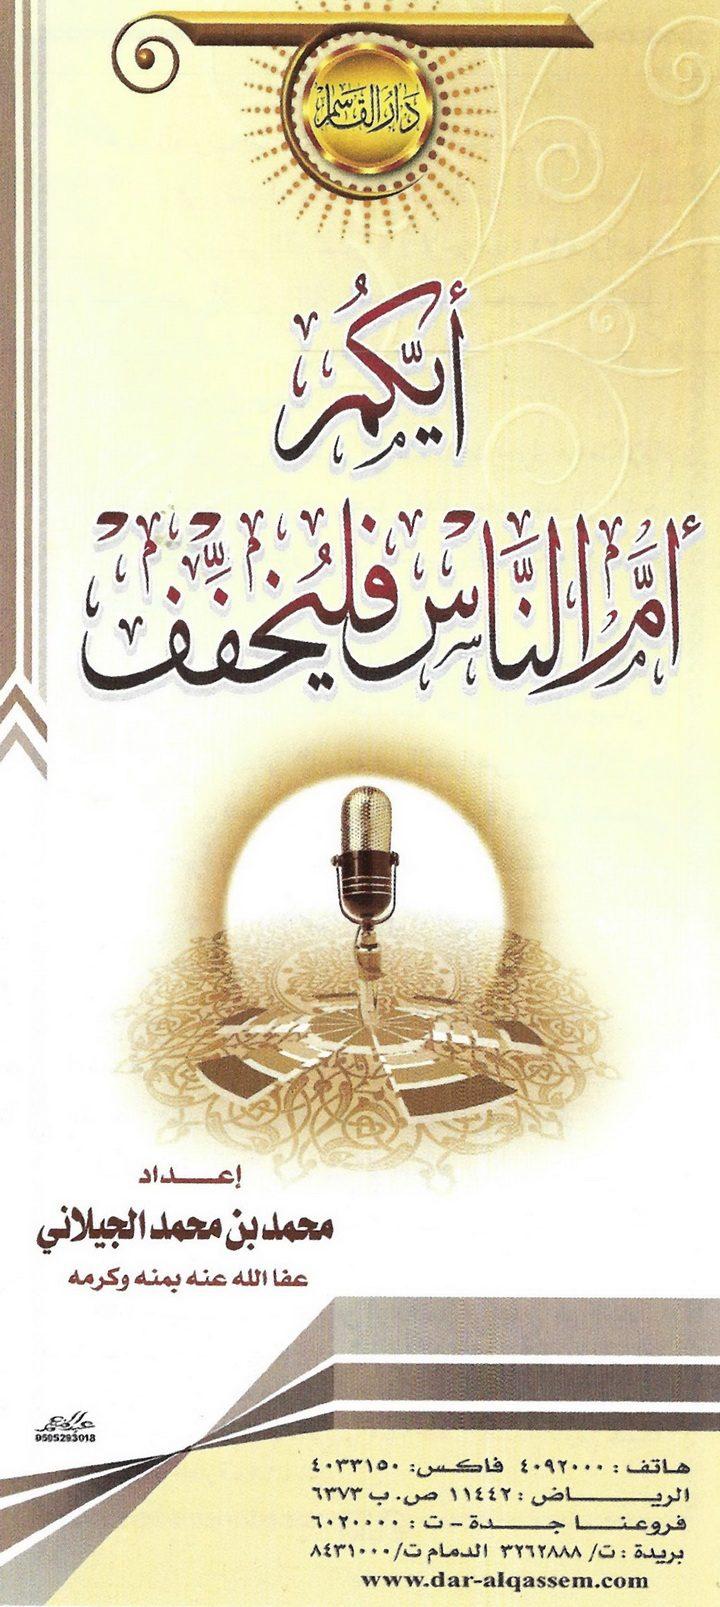 أيّكم أمّ النّاس فليخفّف (محمد بن محمد الجيلاني – دار القاسم)